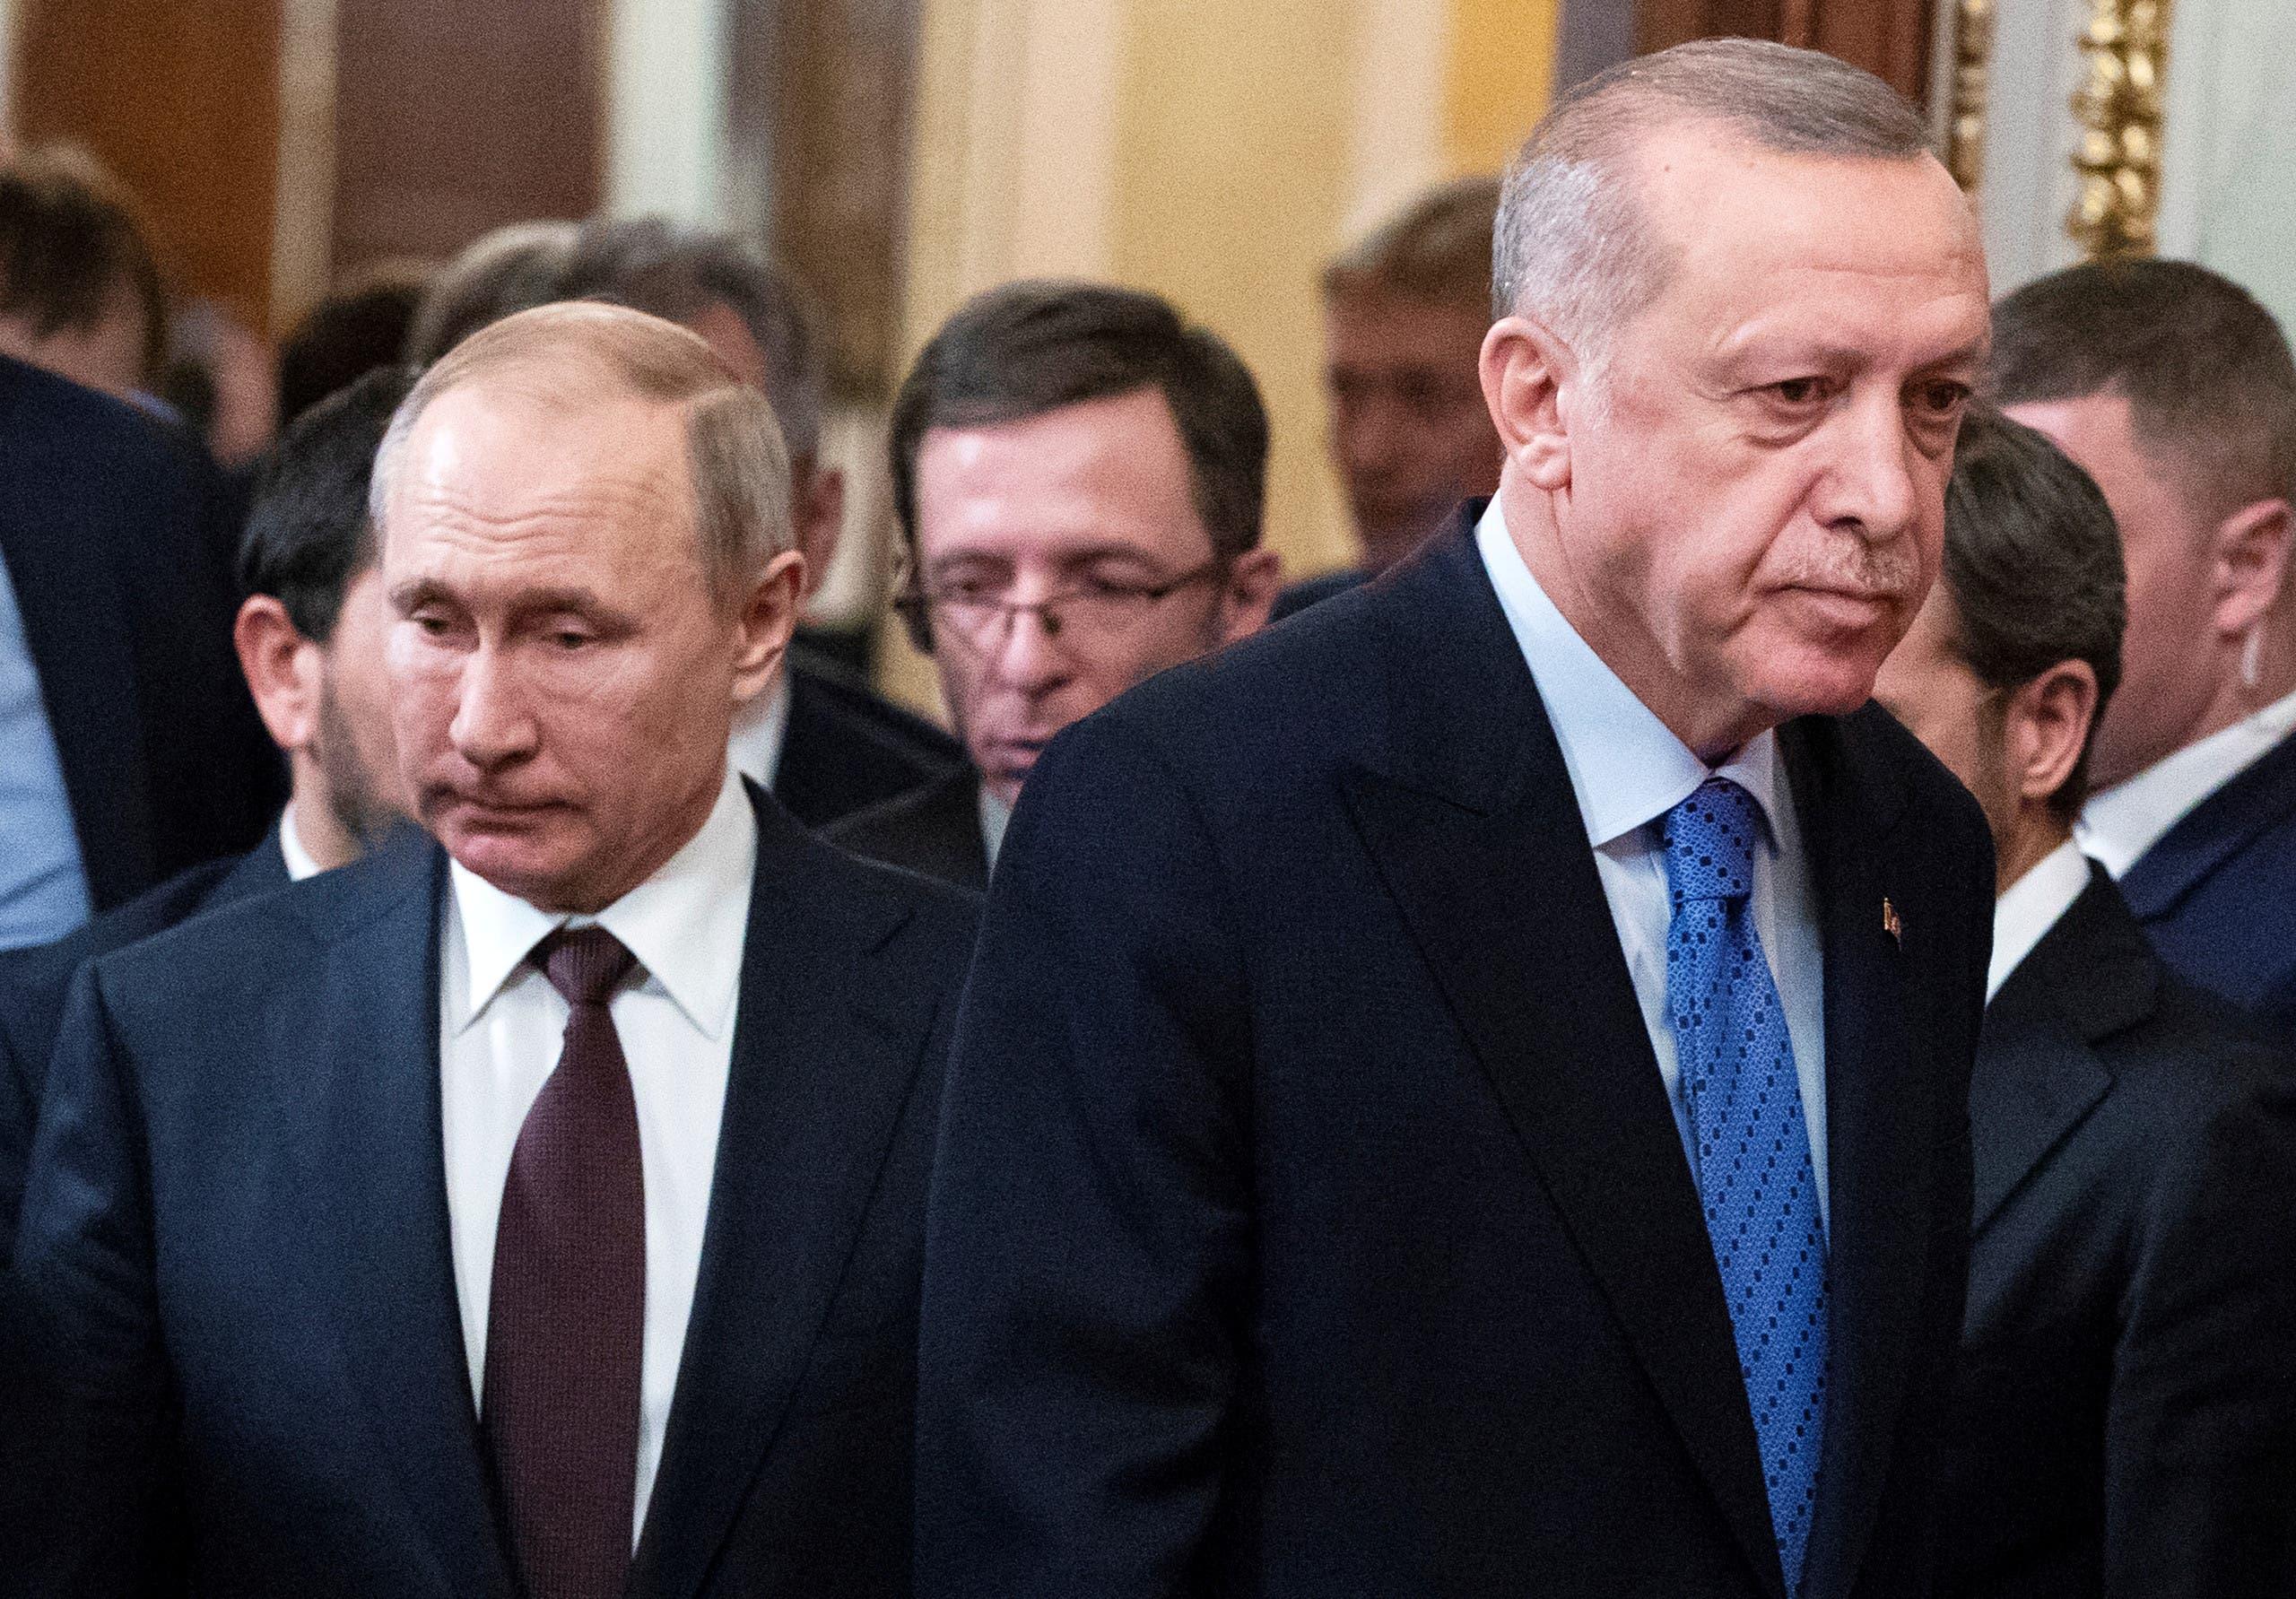 الرئيس التركي رجب طيب أردوغان ونظيره الروسي فلاديمير بوتين (أرشيفية- رويترز)